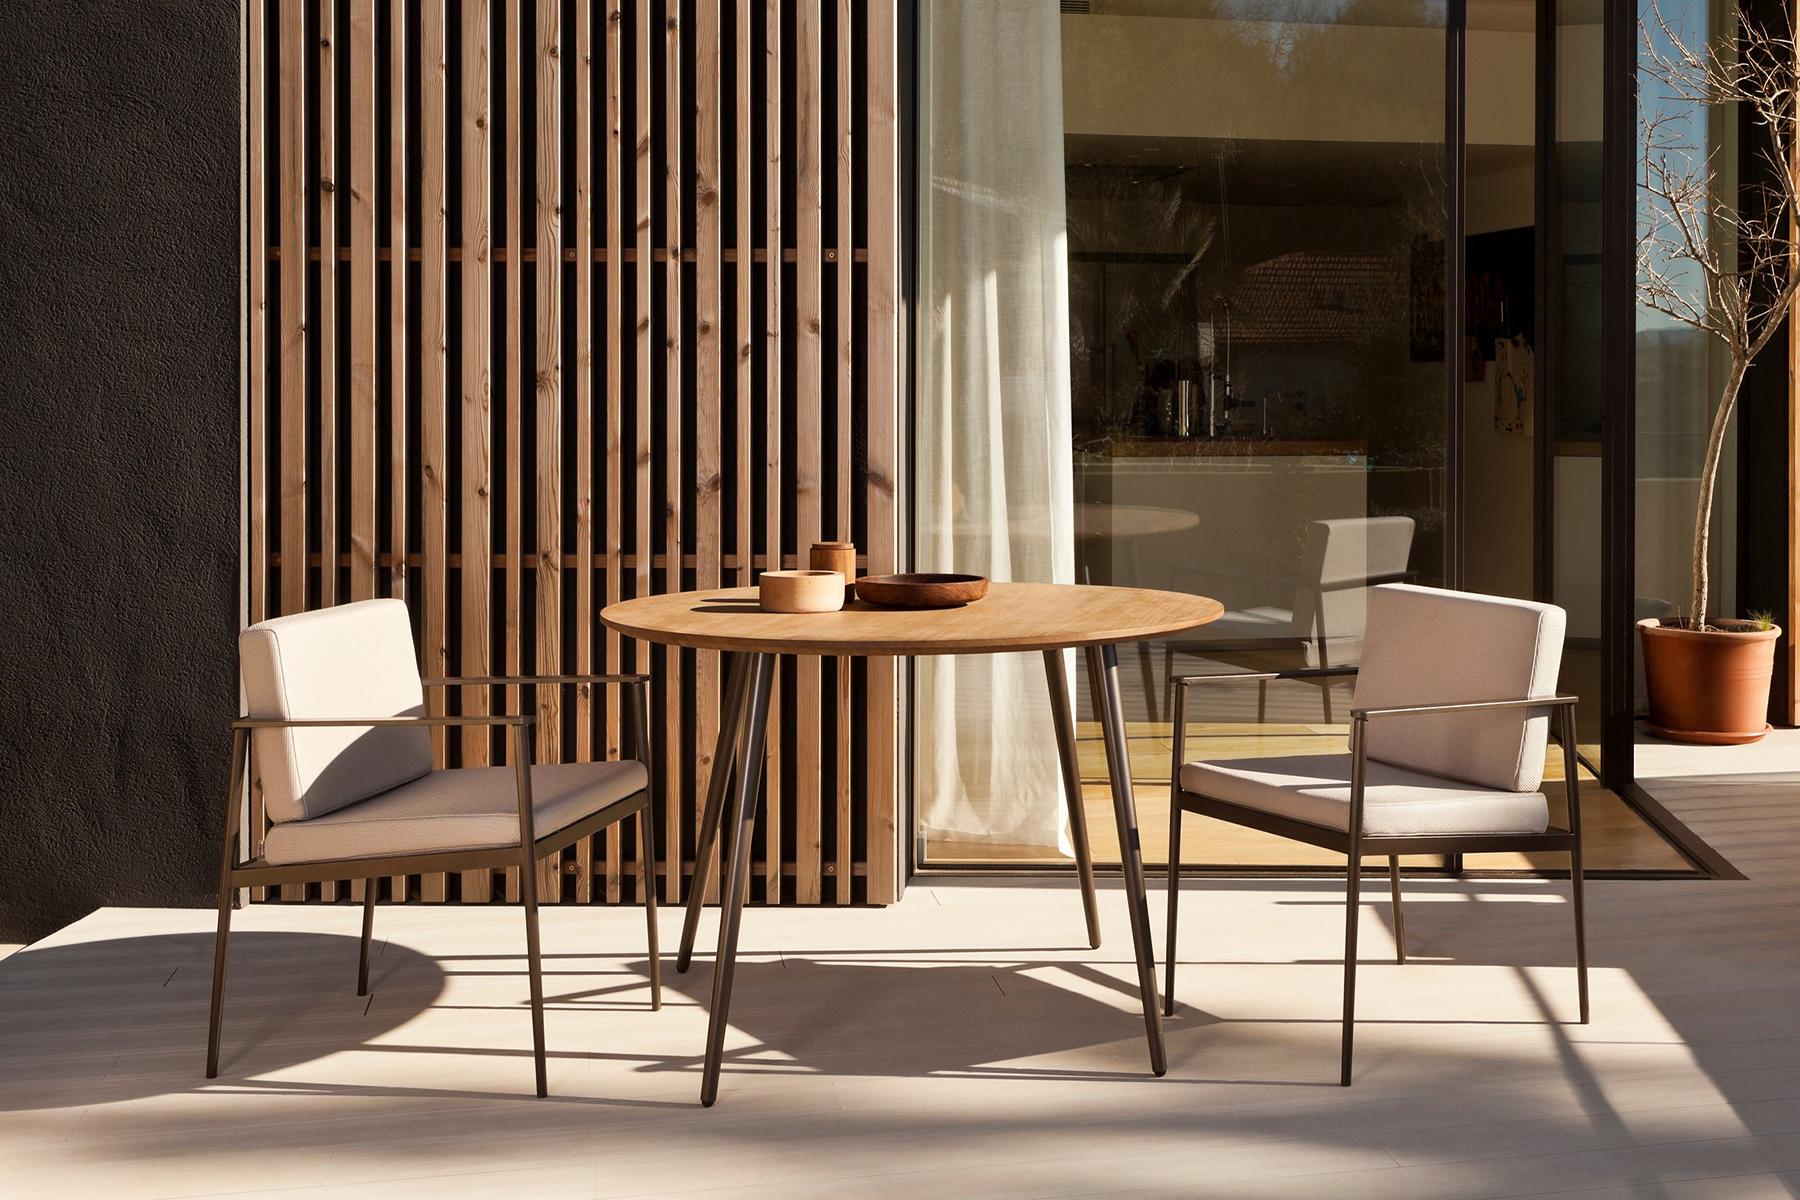 Vint mesa madera y sillón